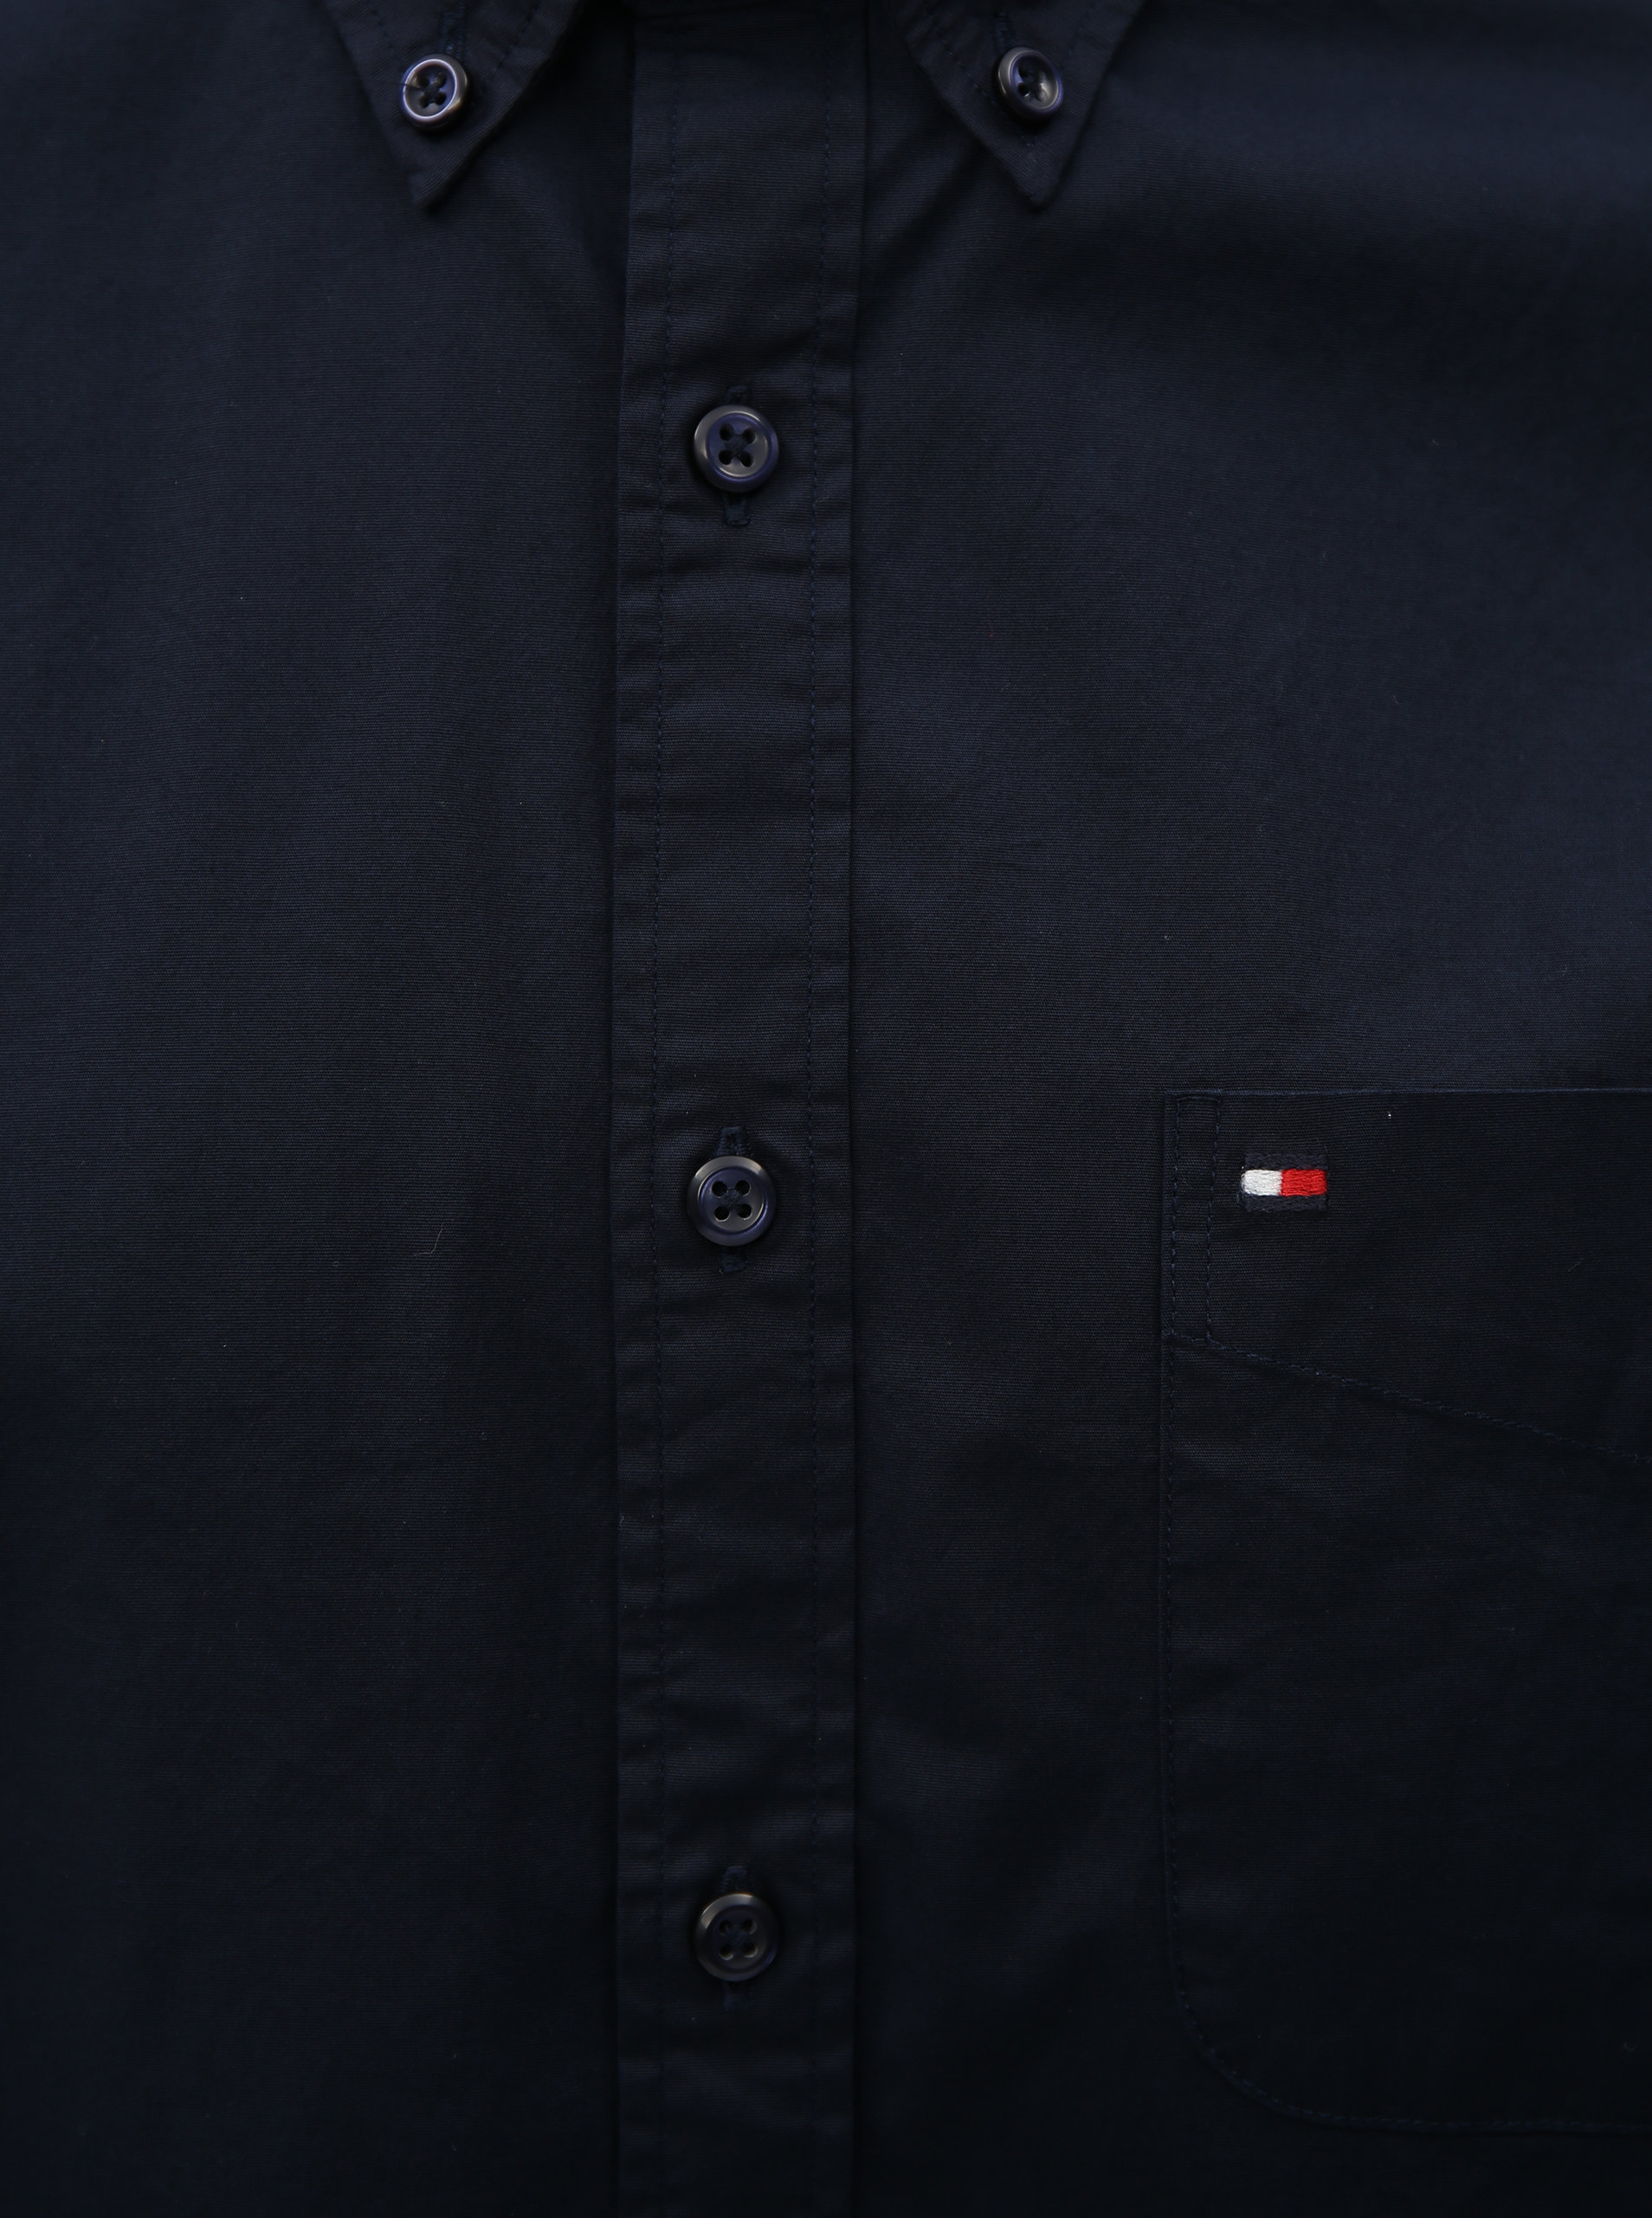 69aaaefce64 Tmavě modrá pánská košile s krátkým rukávem Tommy Hilfiger ...